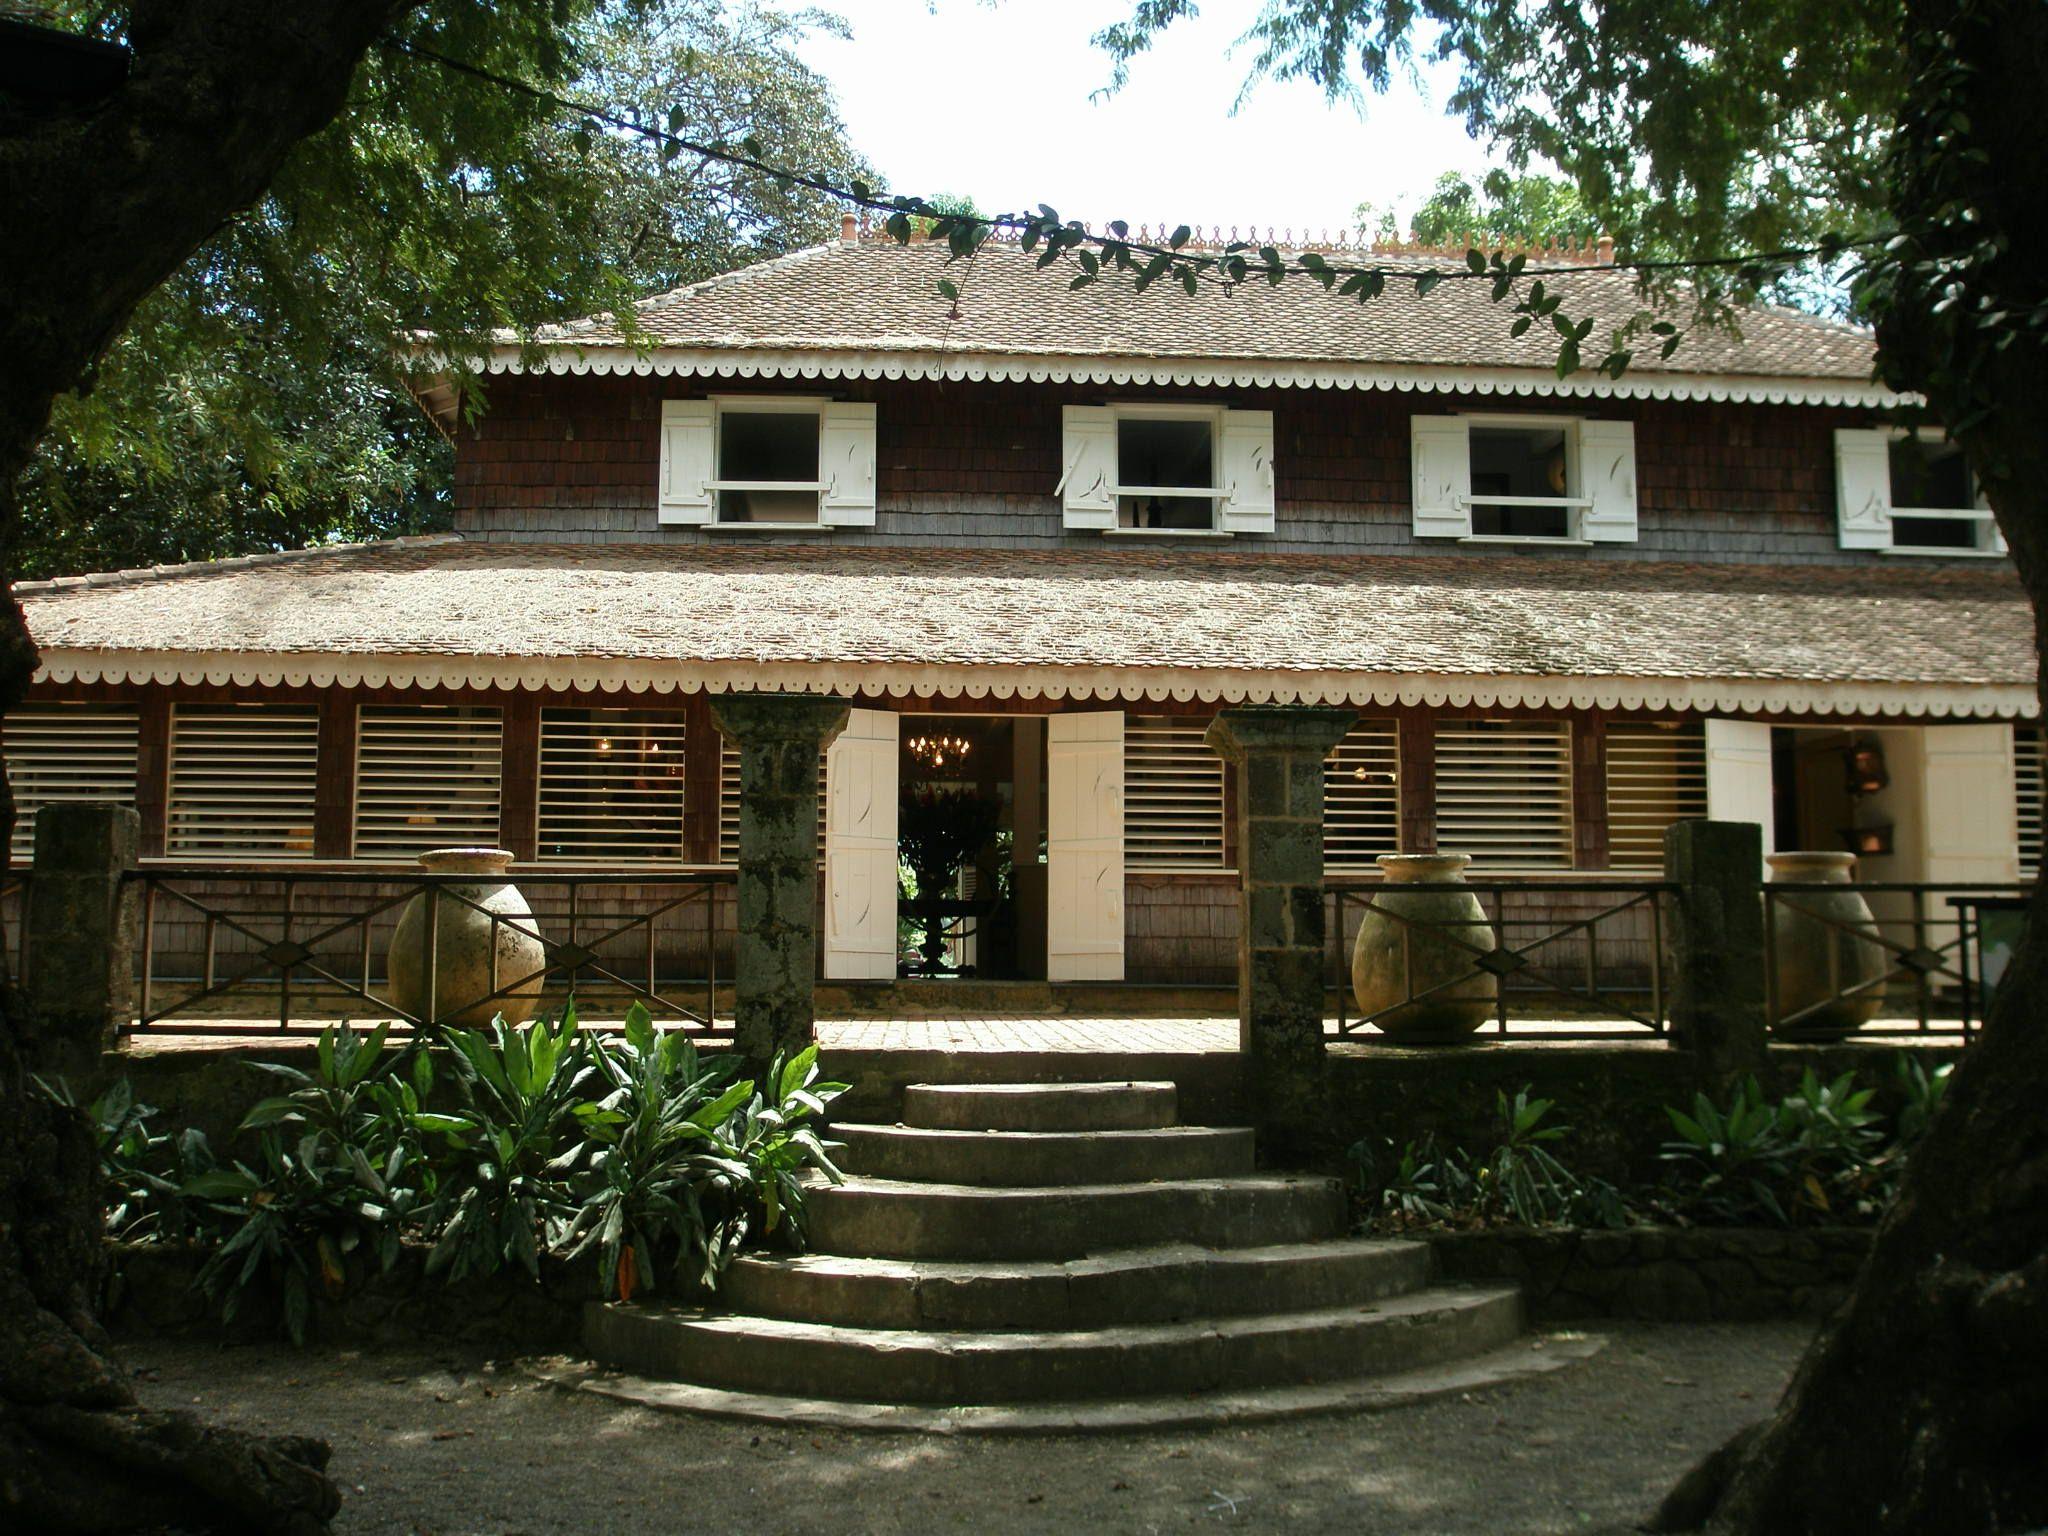 Maison créole - Habitation Clément #Martinique   L'île de la Martinique   Pinterest